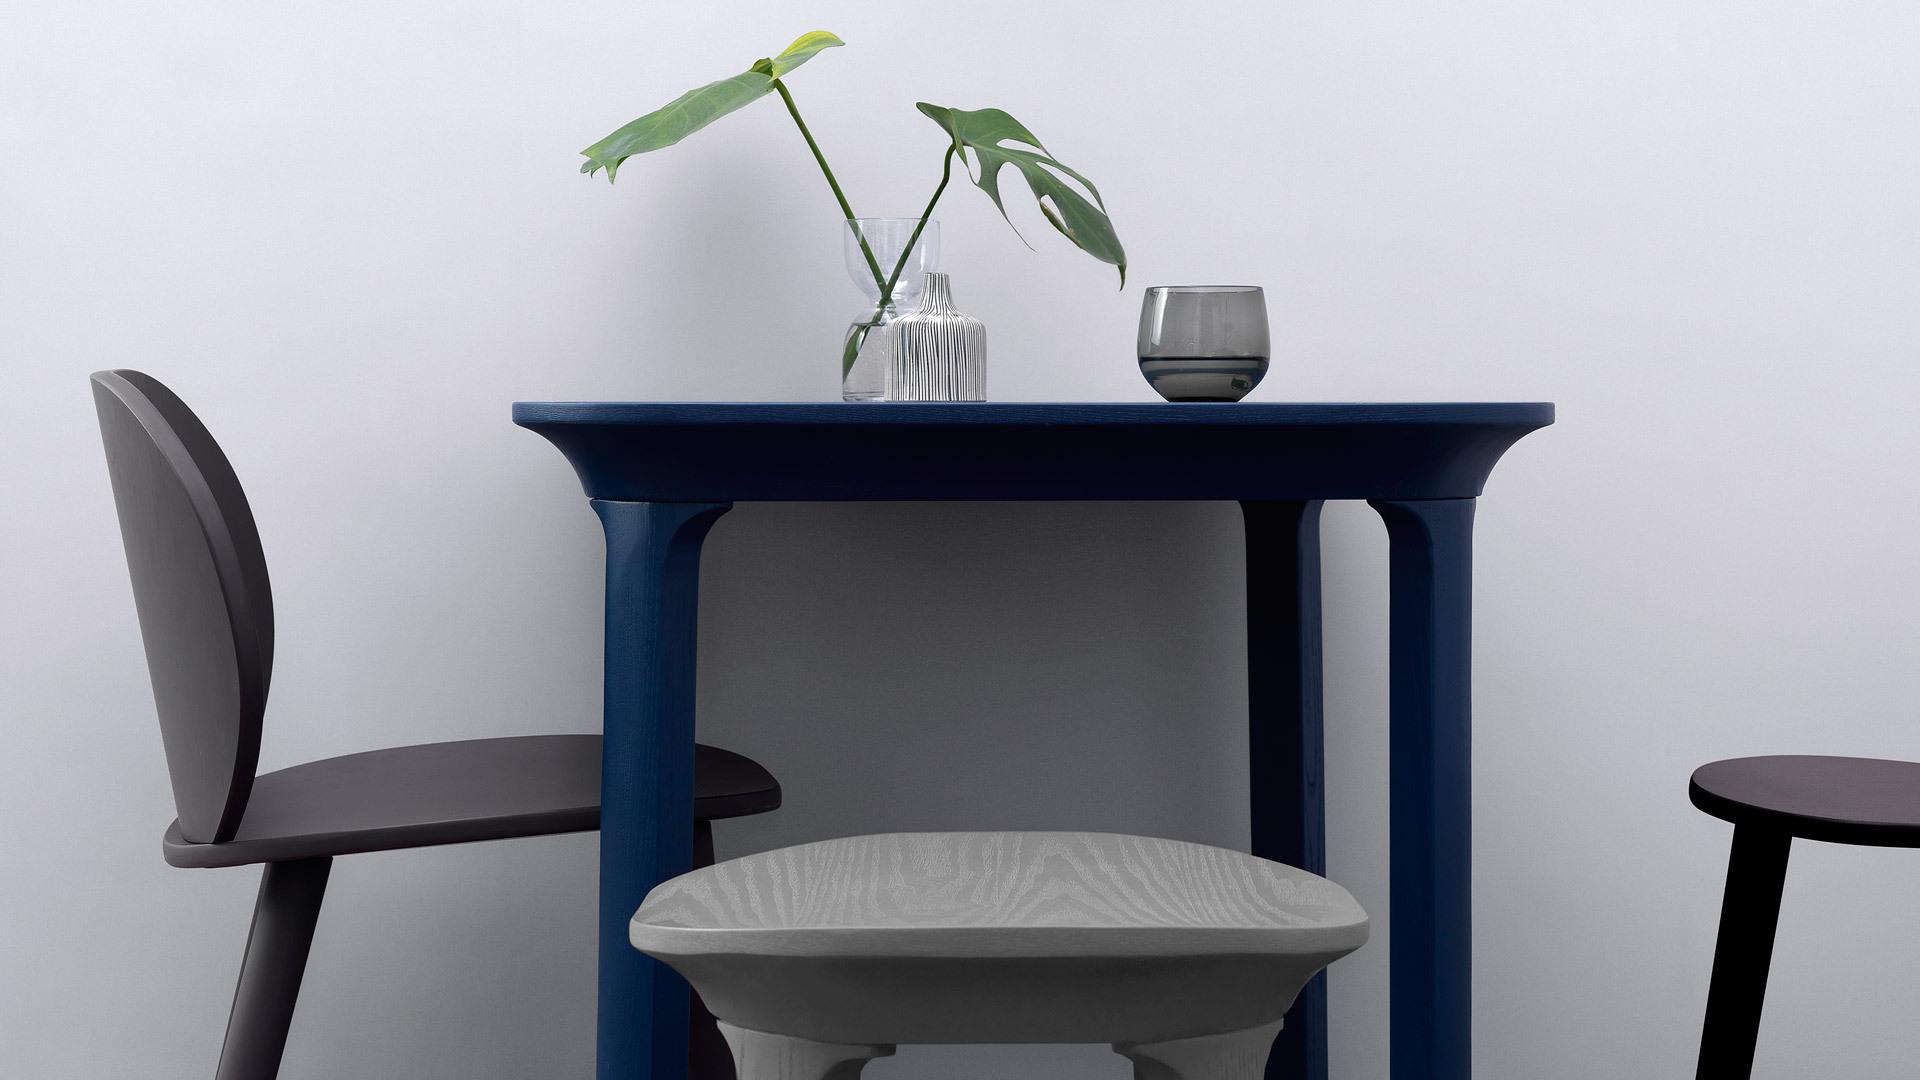 餐桌放置一件通透的瓦檐小凳,增加落座可能的前提下,让空间更有层次感。